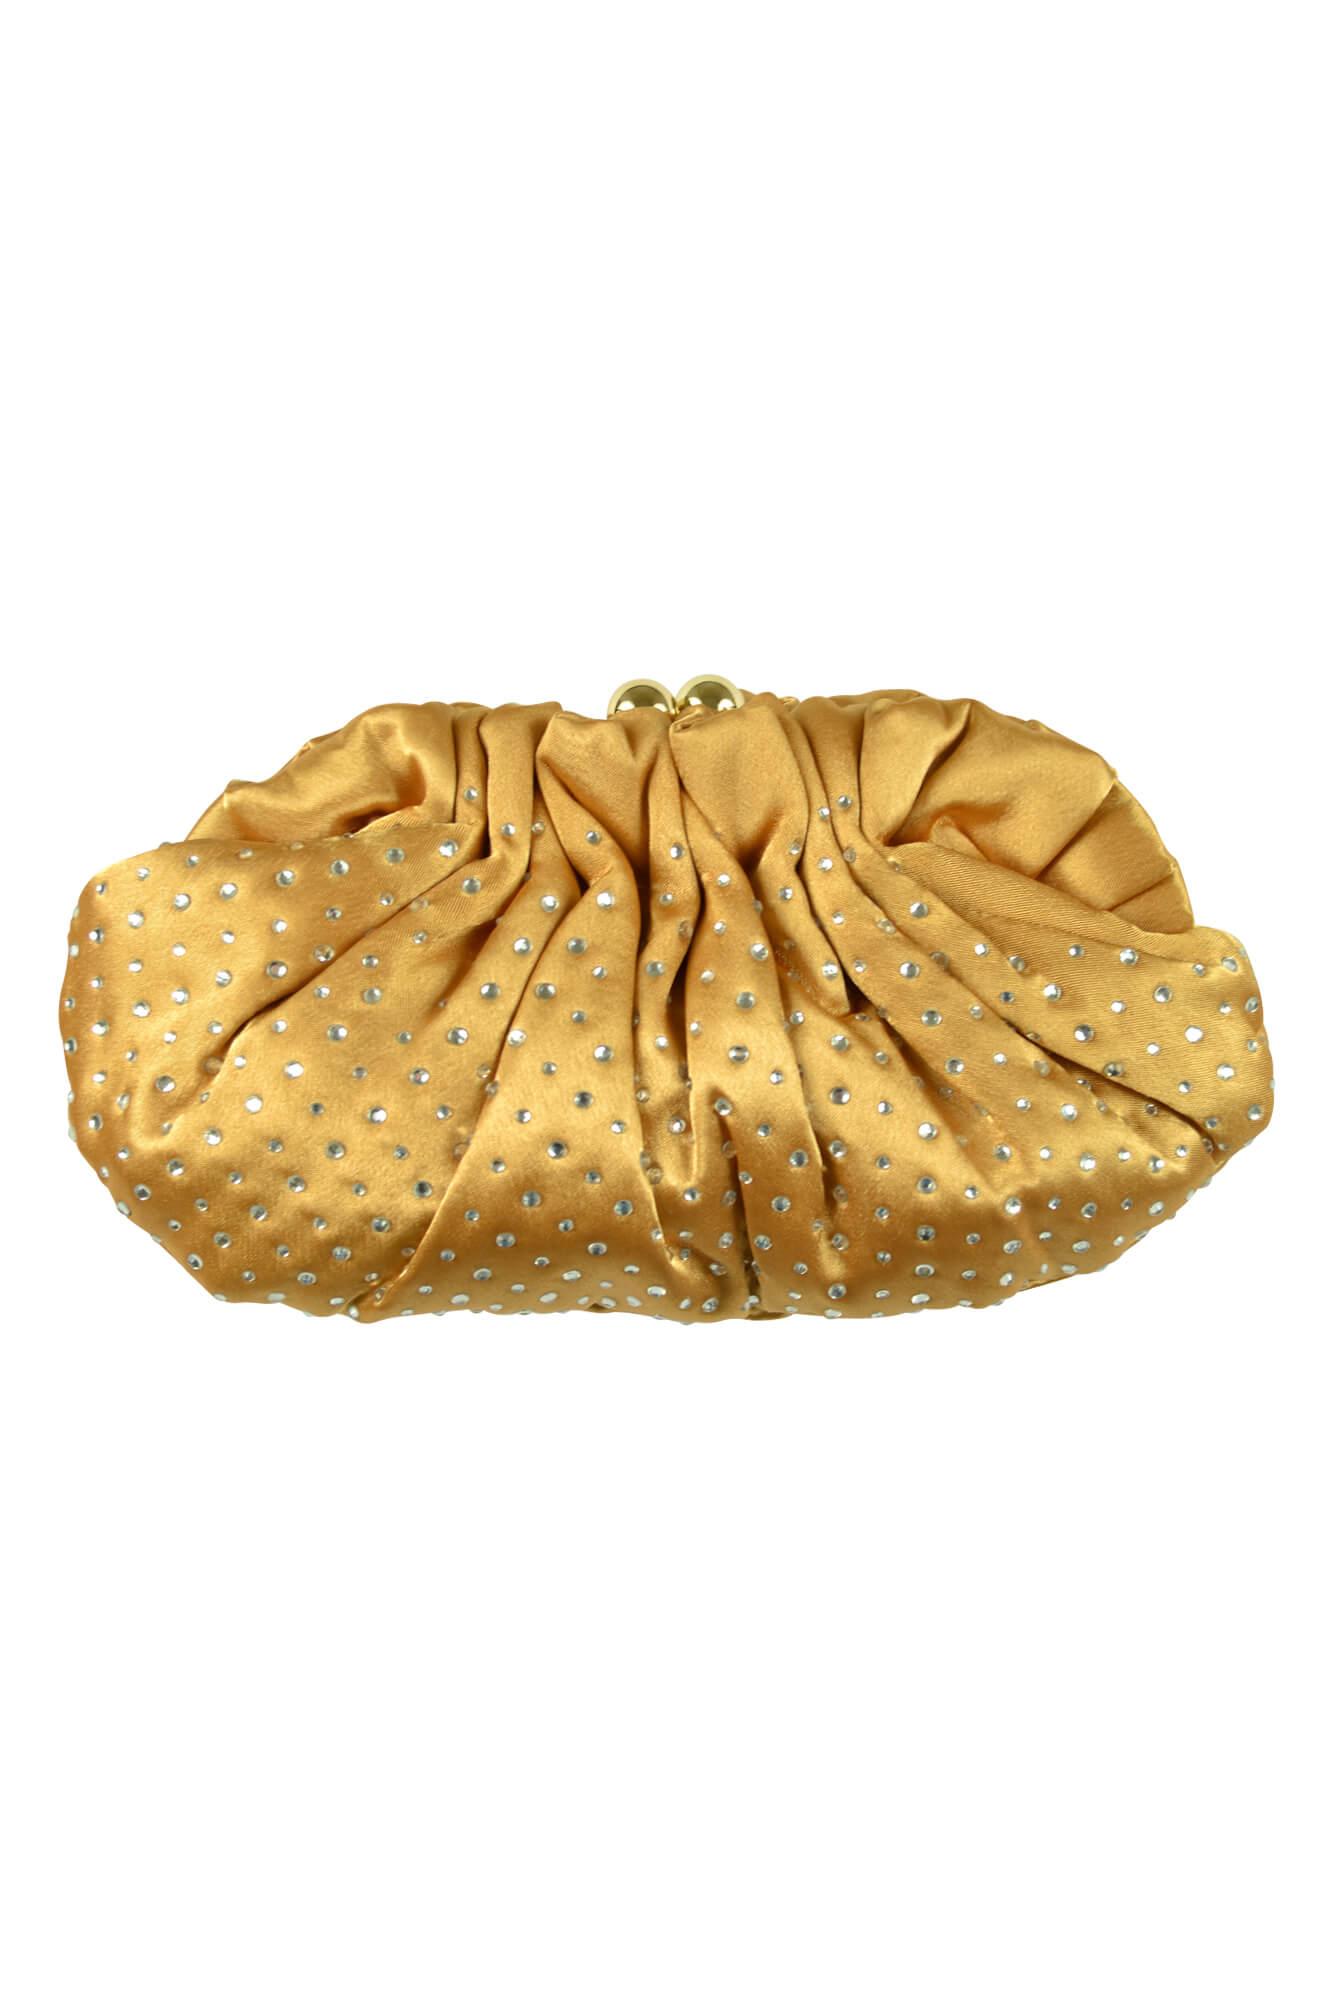 カシェリエ (Cachellie)マスタードクリスタルバッグ